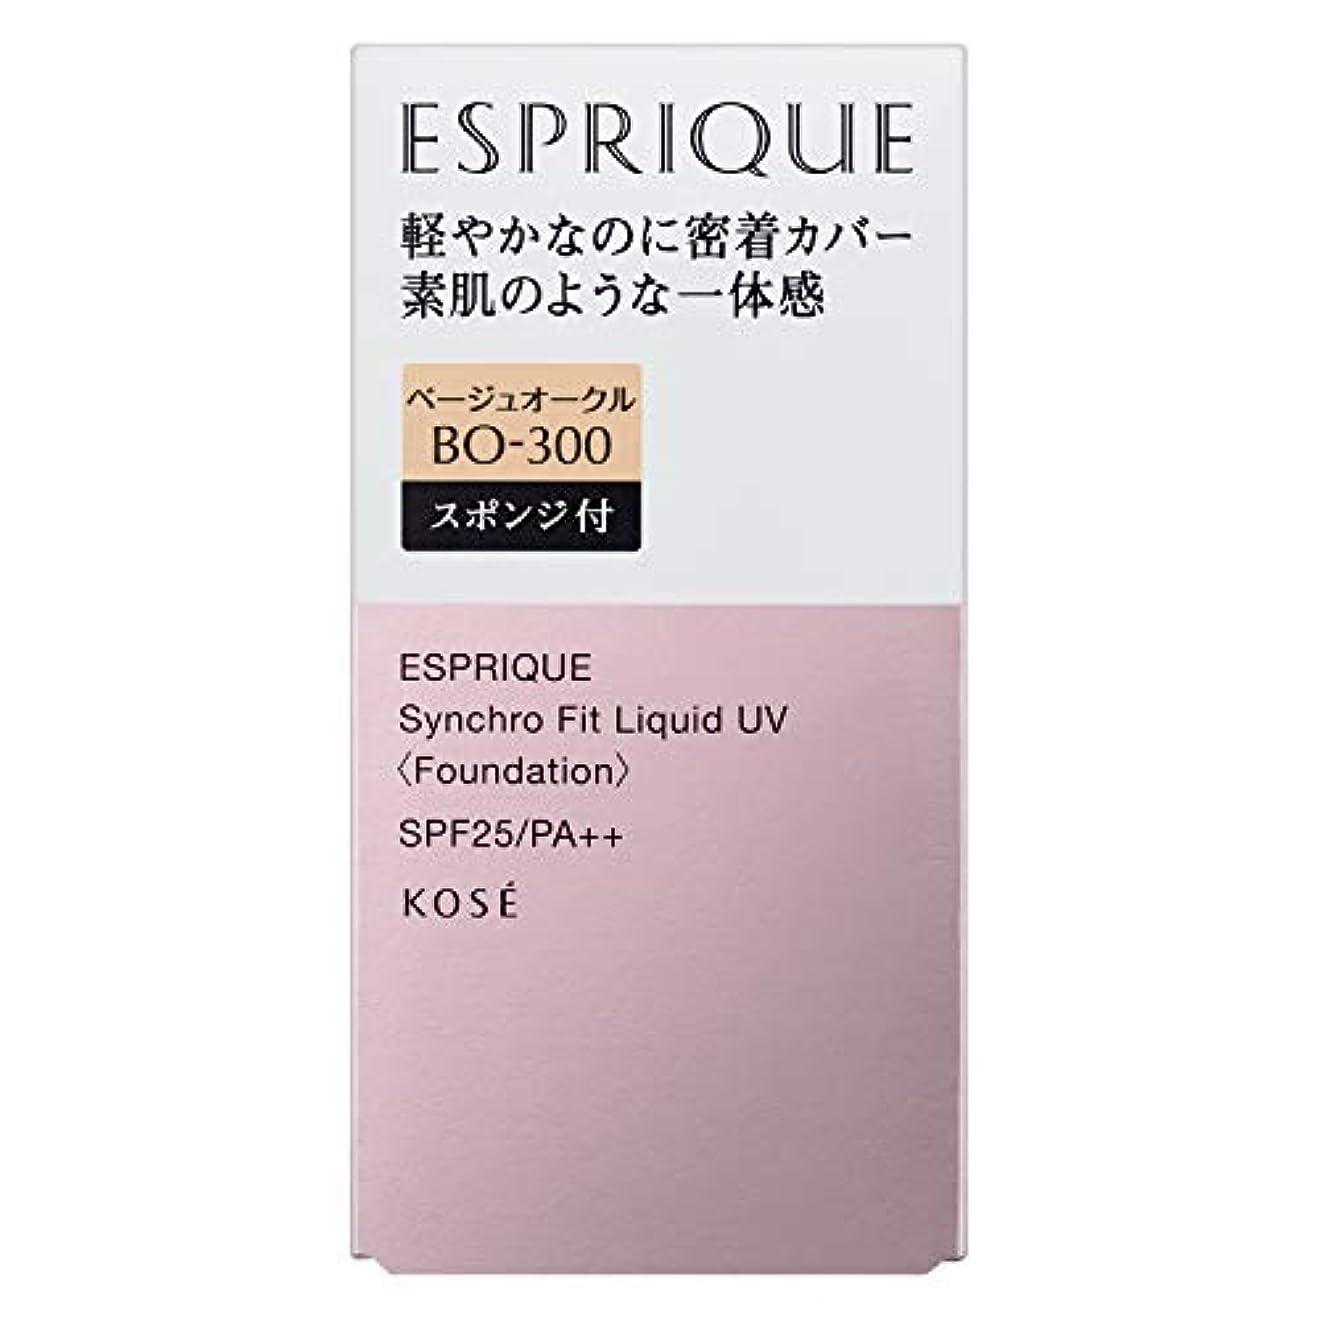 章ボウル革新ESPRIQUE(エスプリーク) エスプリーク シンクロフィット リキッド UV ファンデーション 無香料 BO-300 ベージュオークル 30g